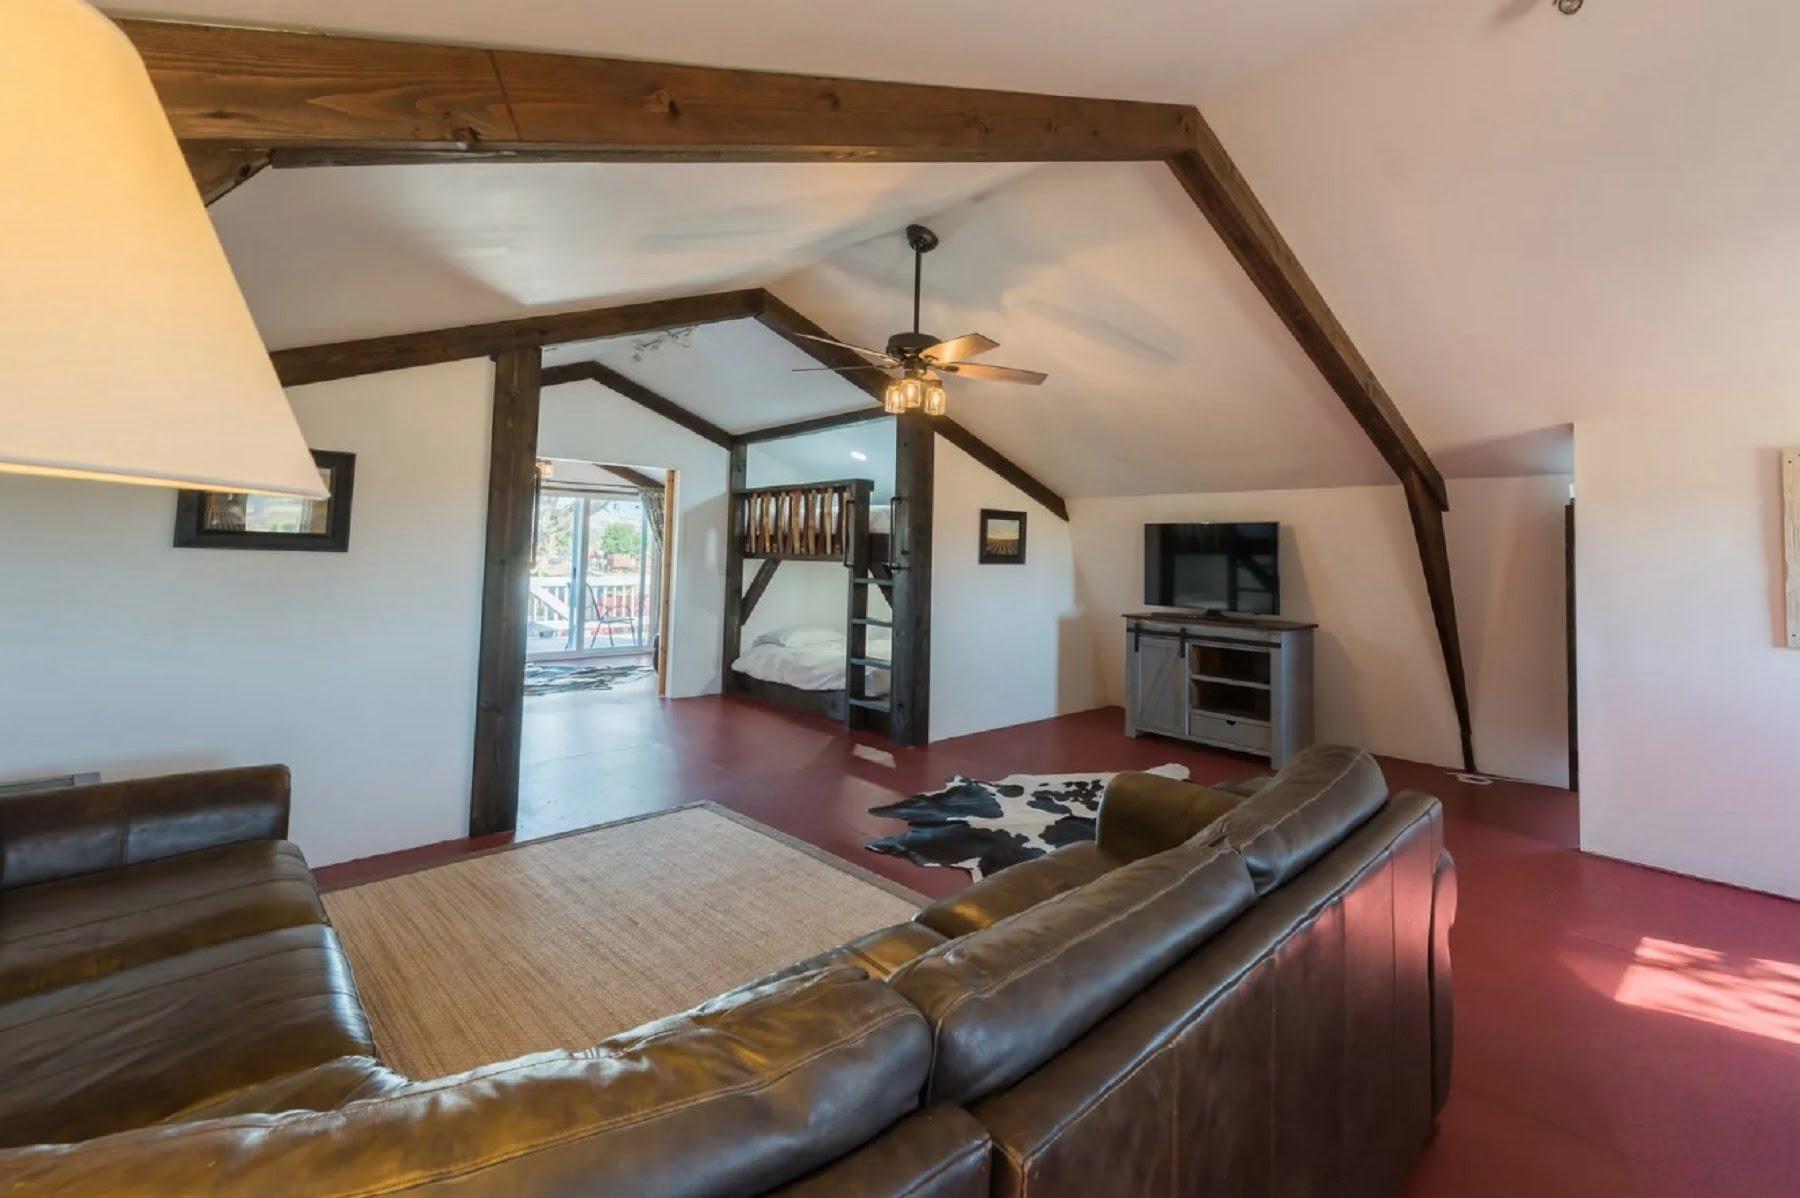 Rancho Da Hamilton - Loft View from couch